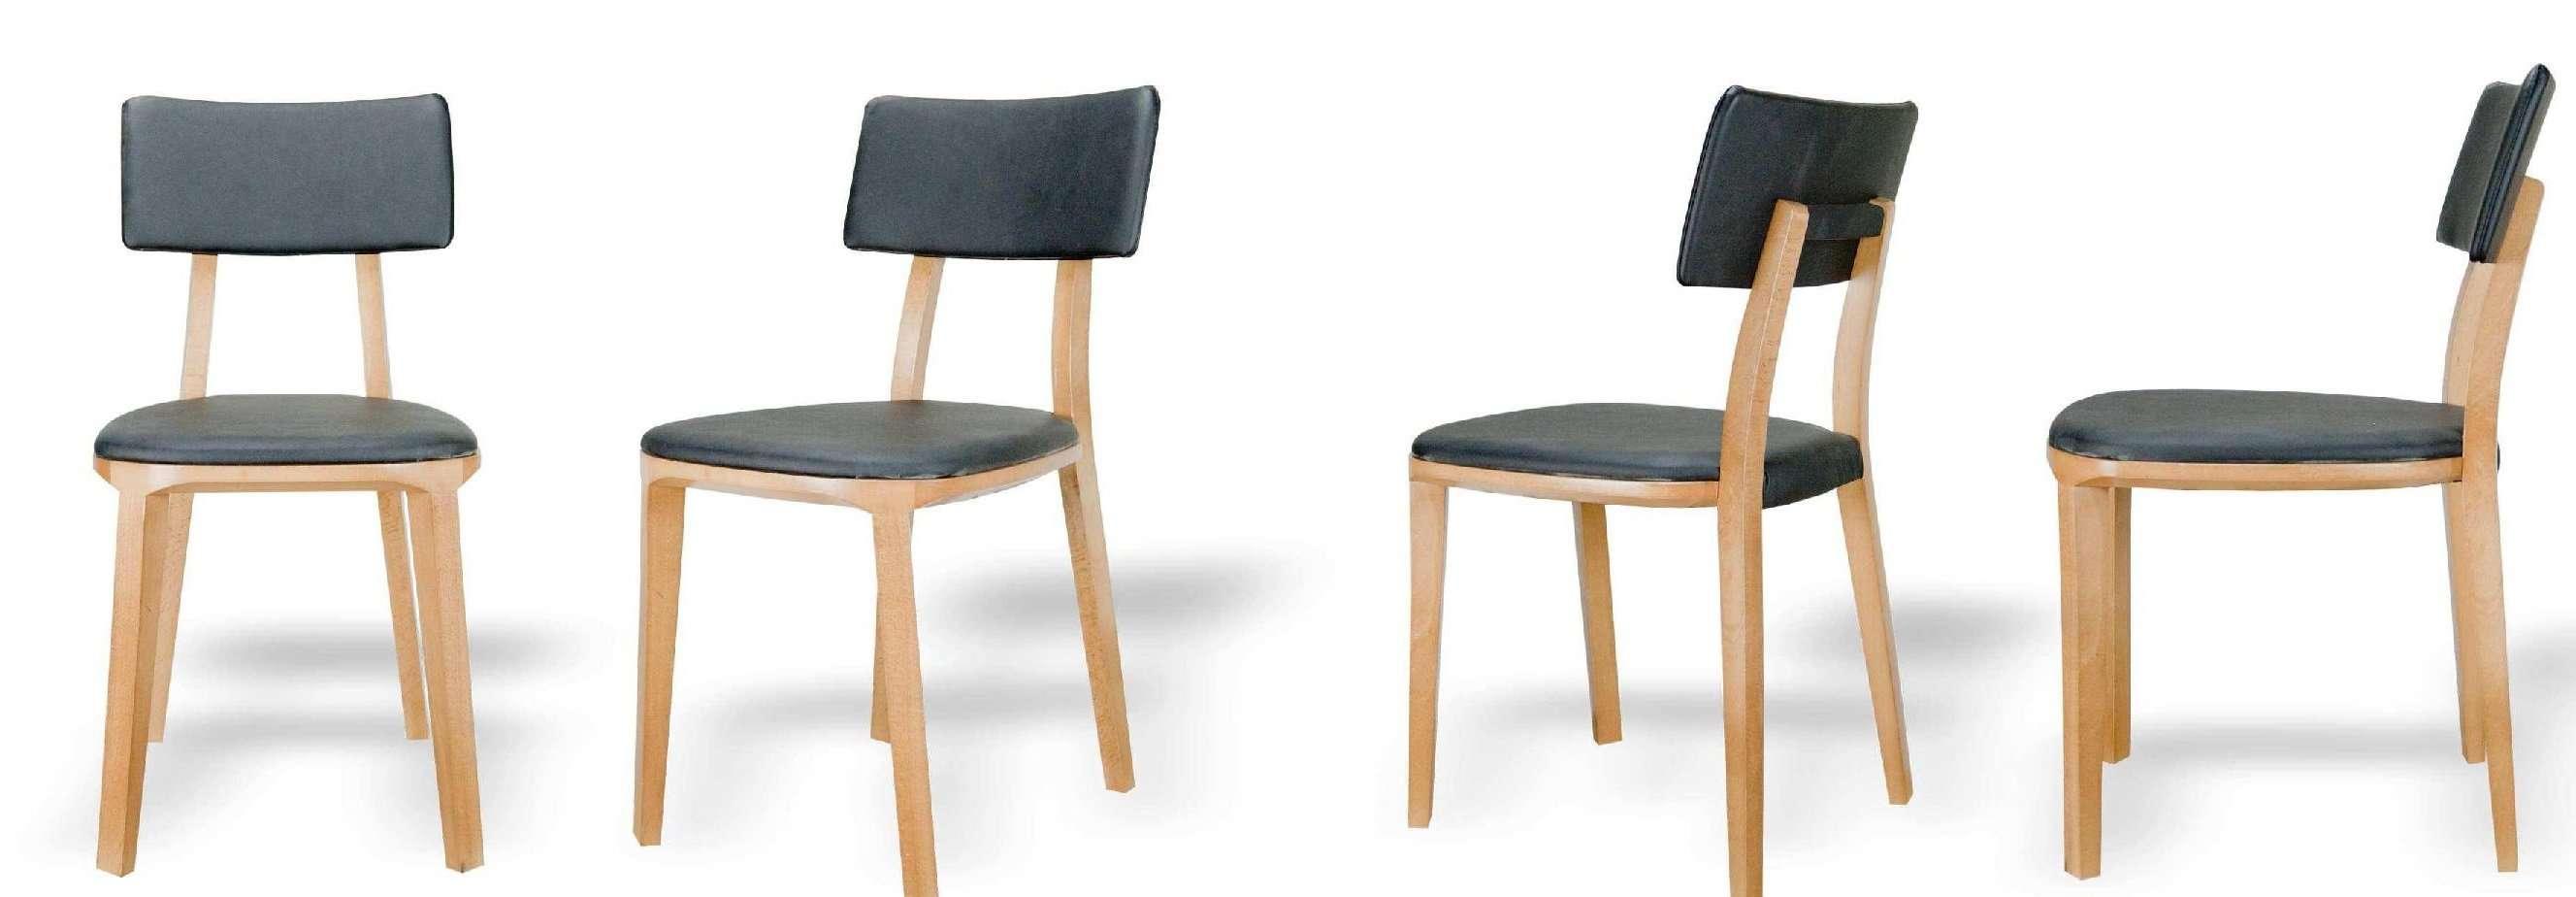 Modelo 102 sillas para restaurante - Silla para restaurante ...